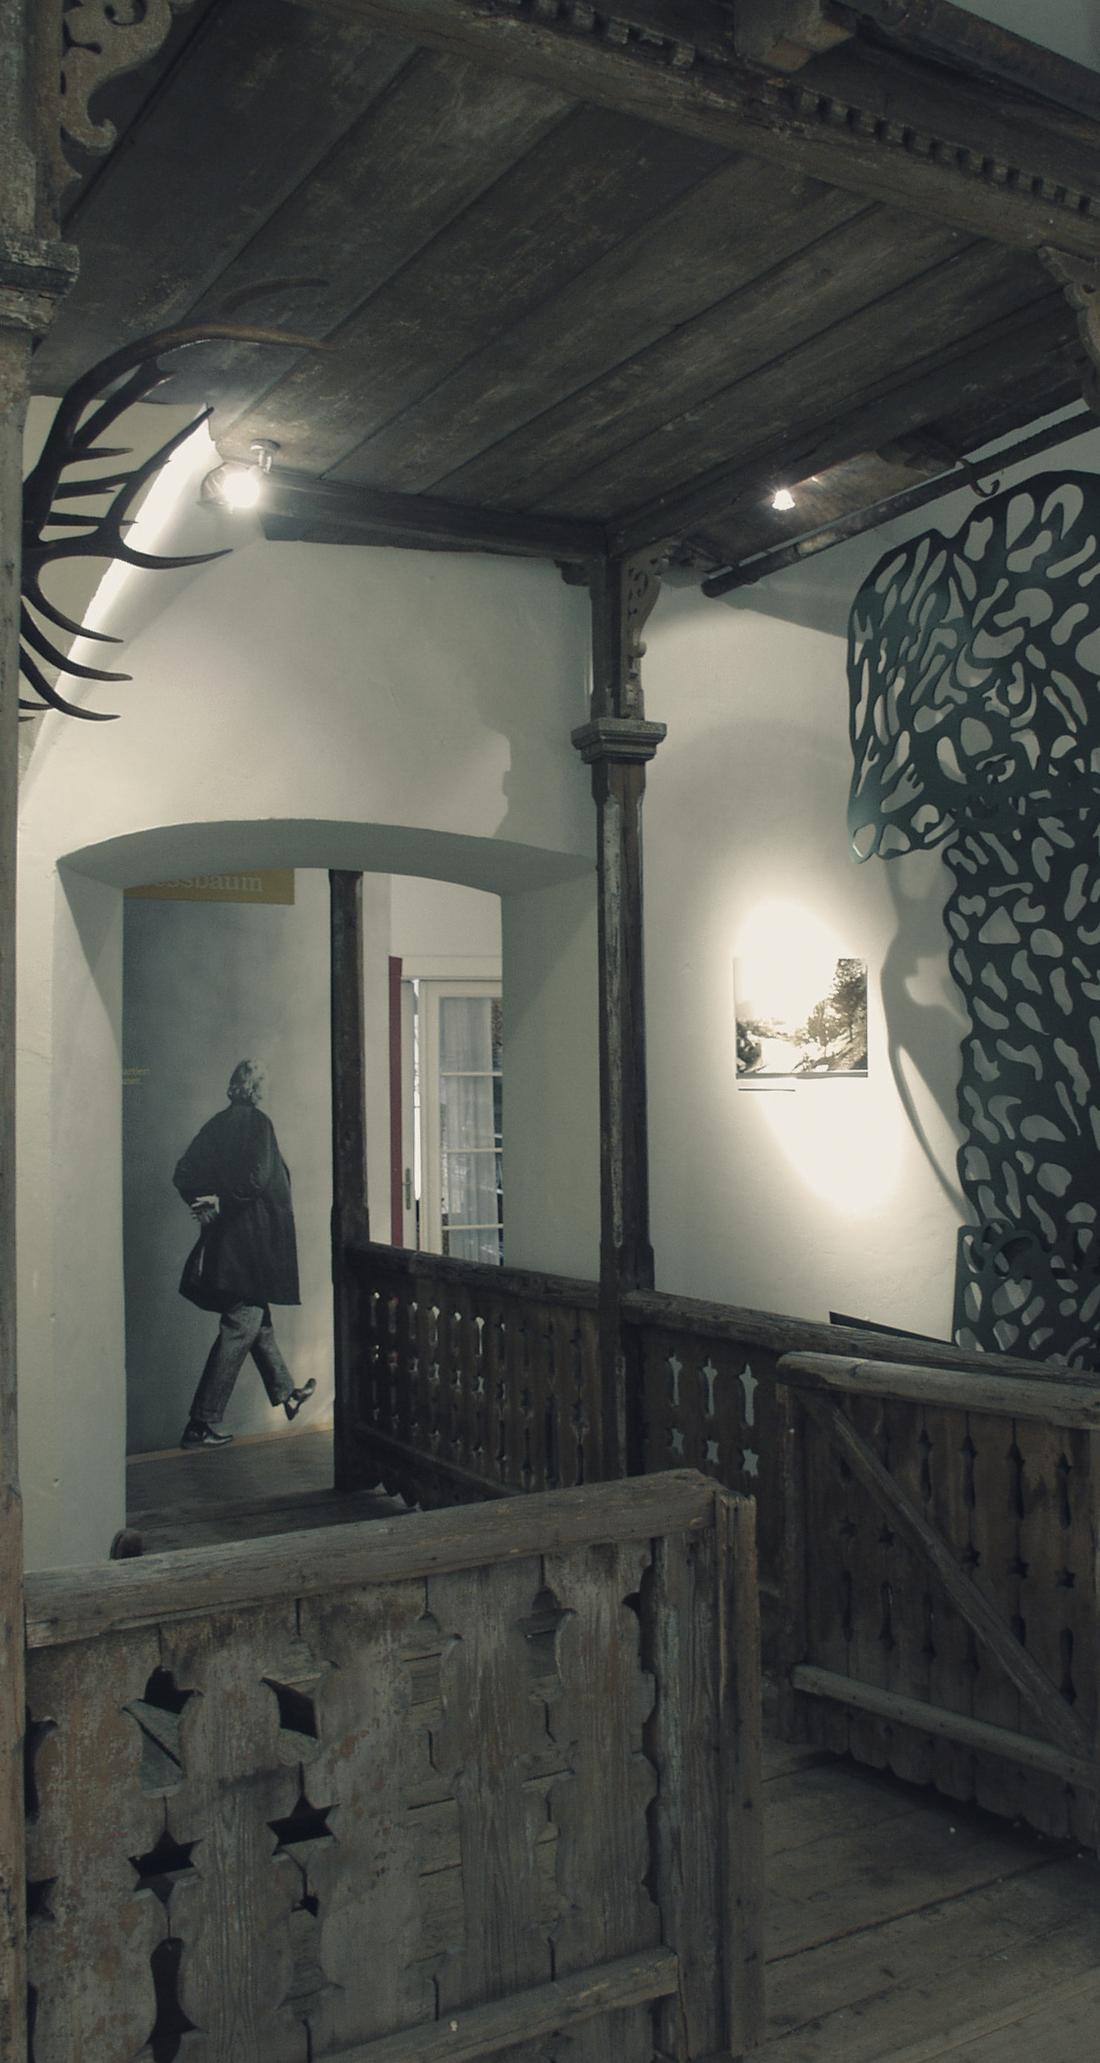 studio kudlich brahms museum mürzzuschlag